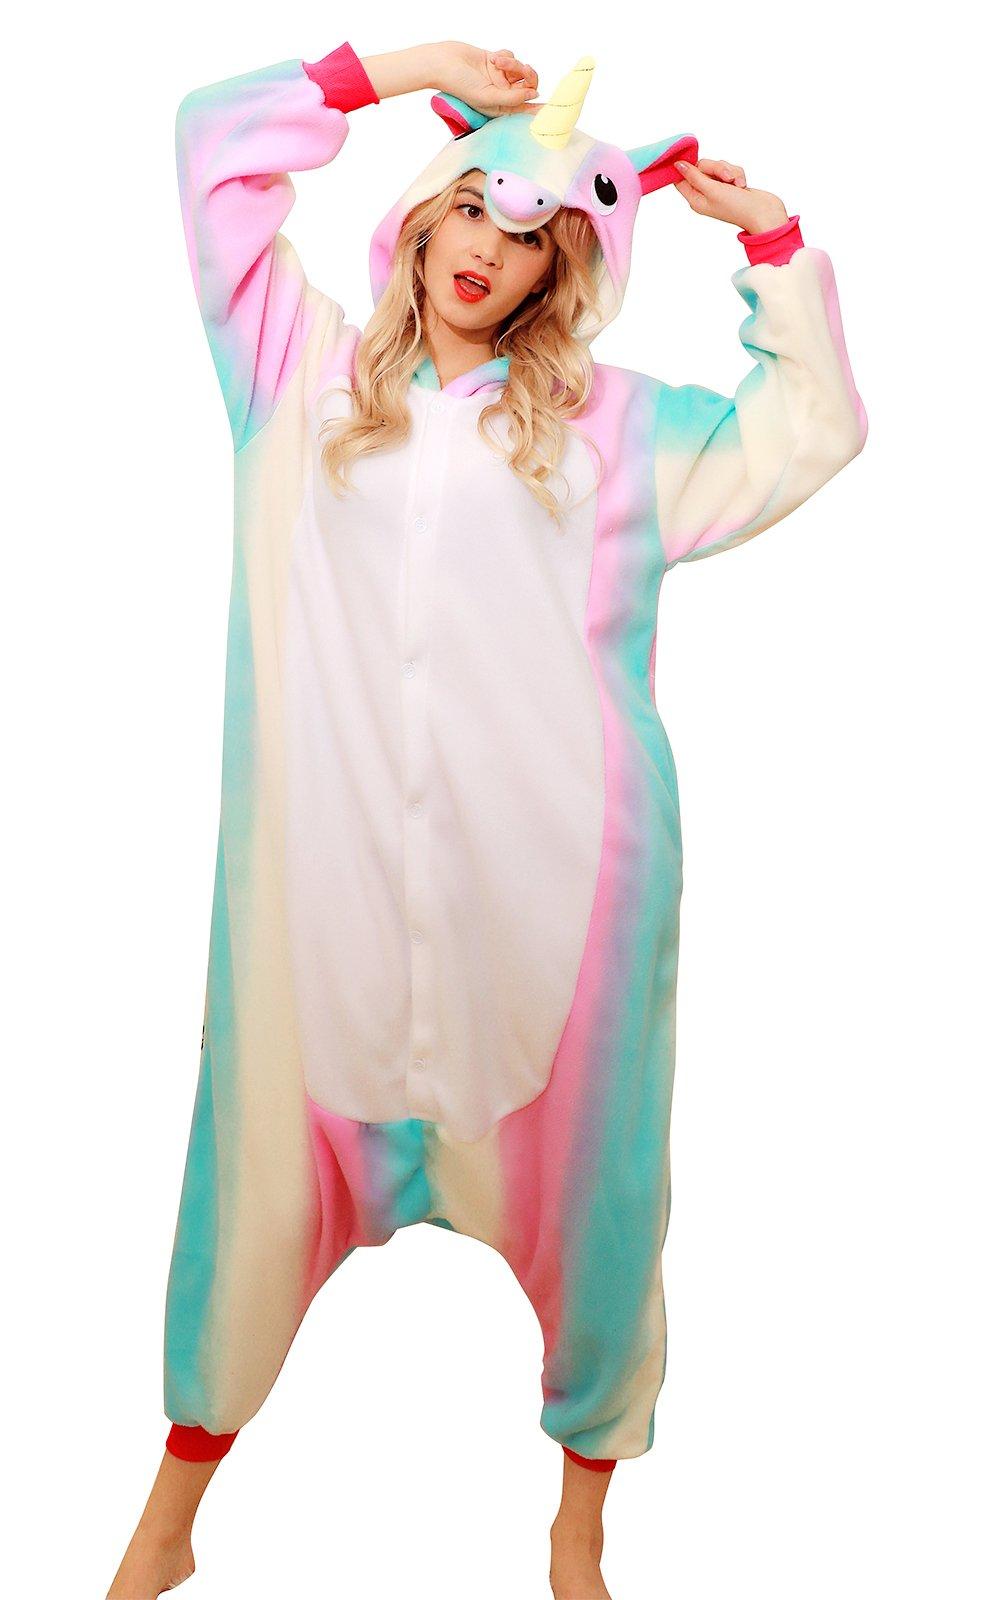 PECHASE Halloween Adult Pajamas Sleepwear Animal Cosplay Costume (M, Rainbow Unicorn)